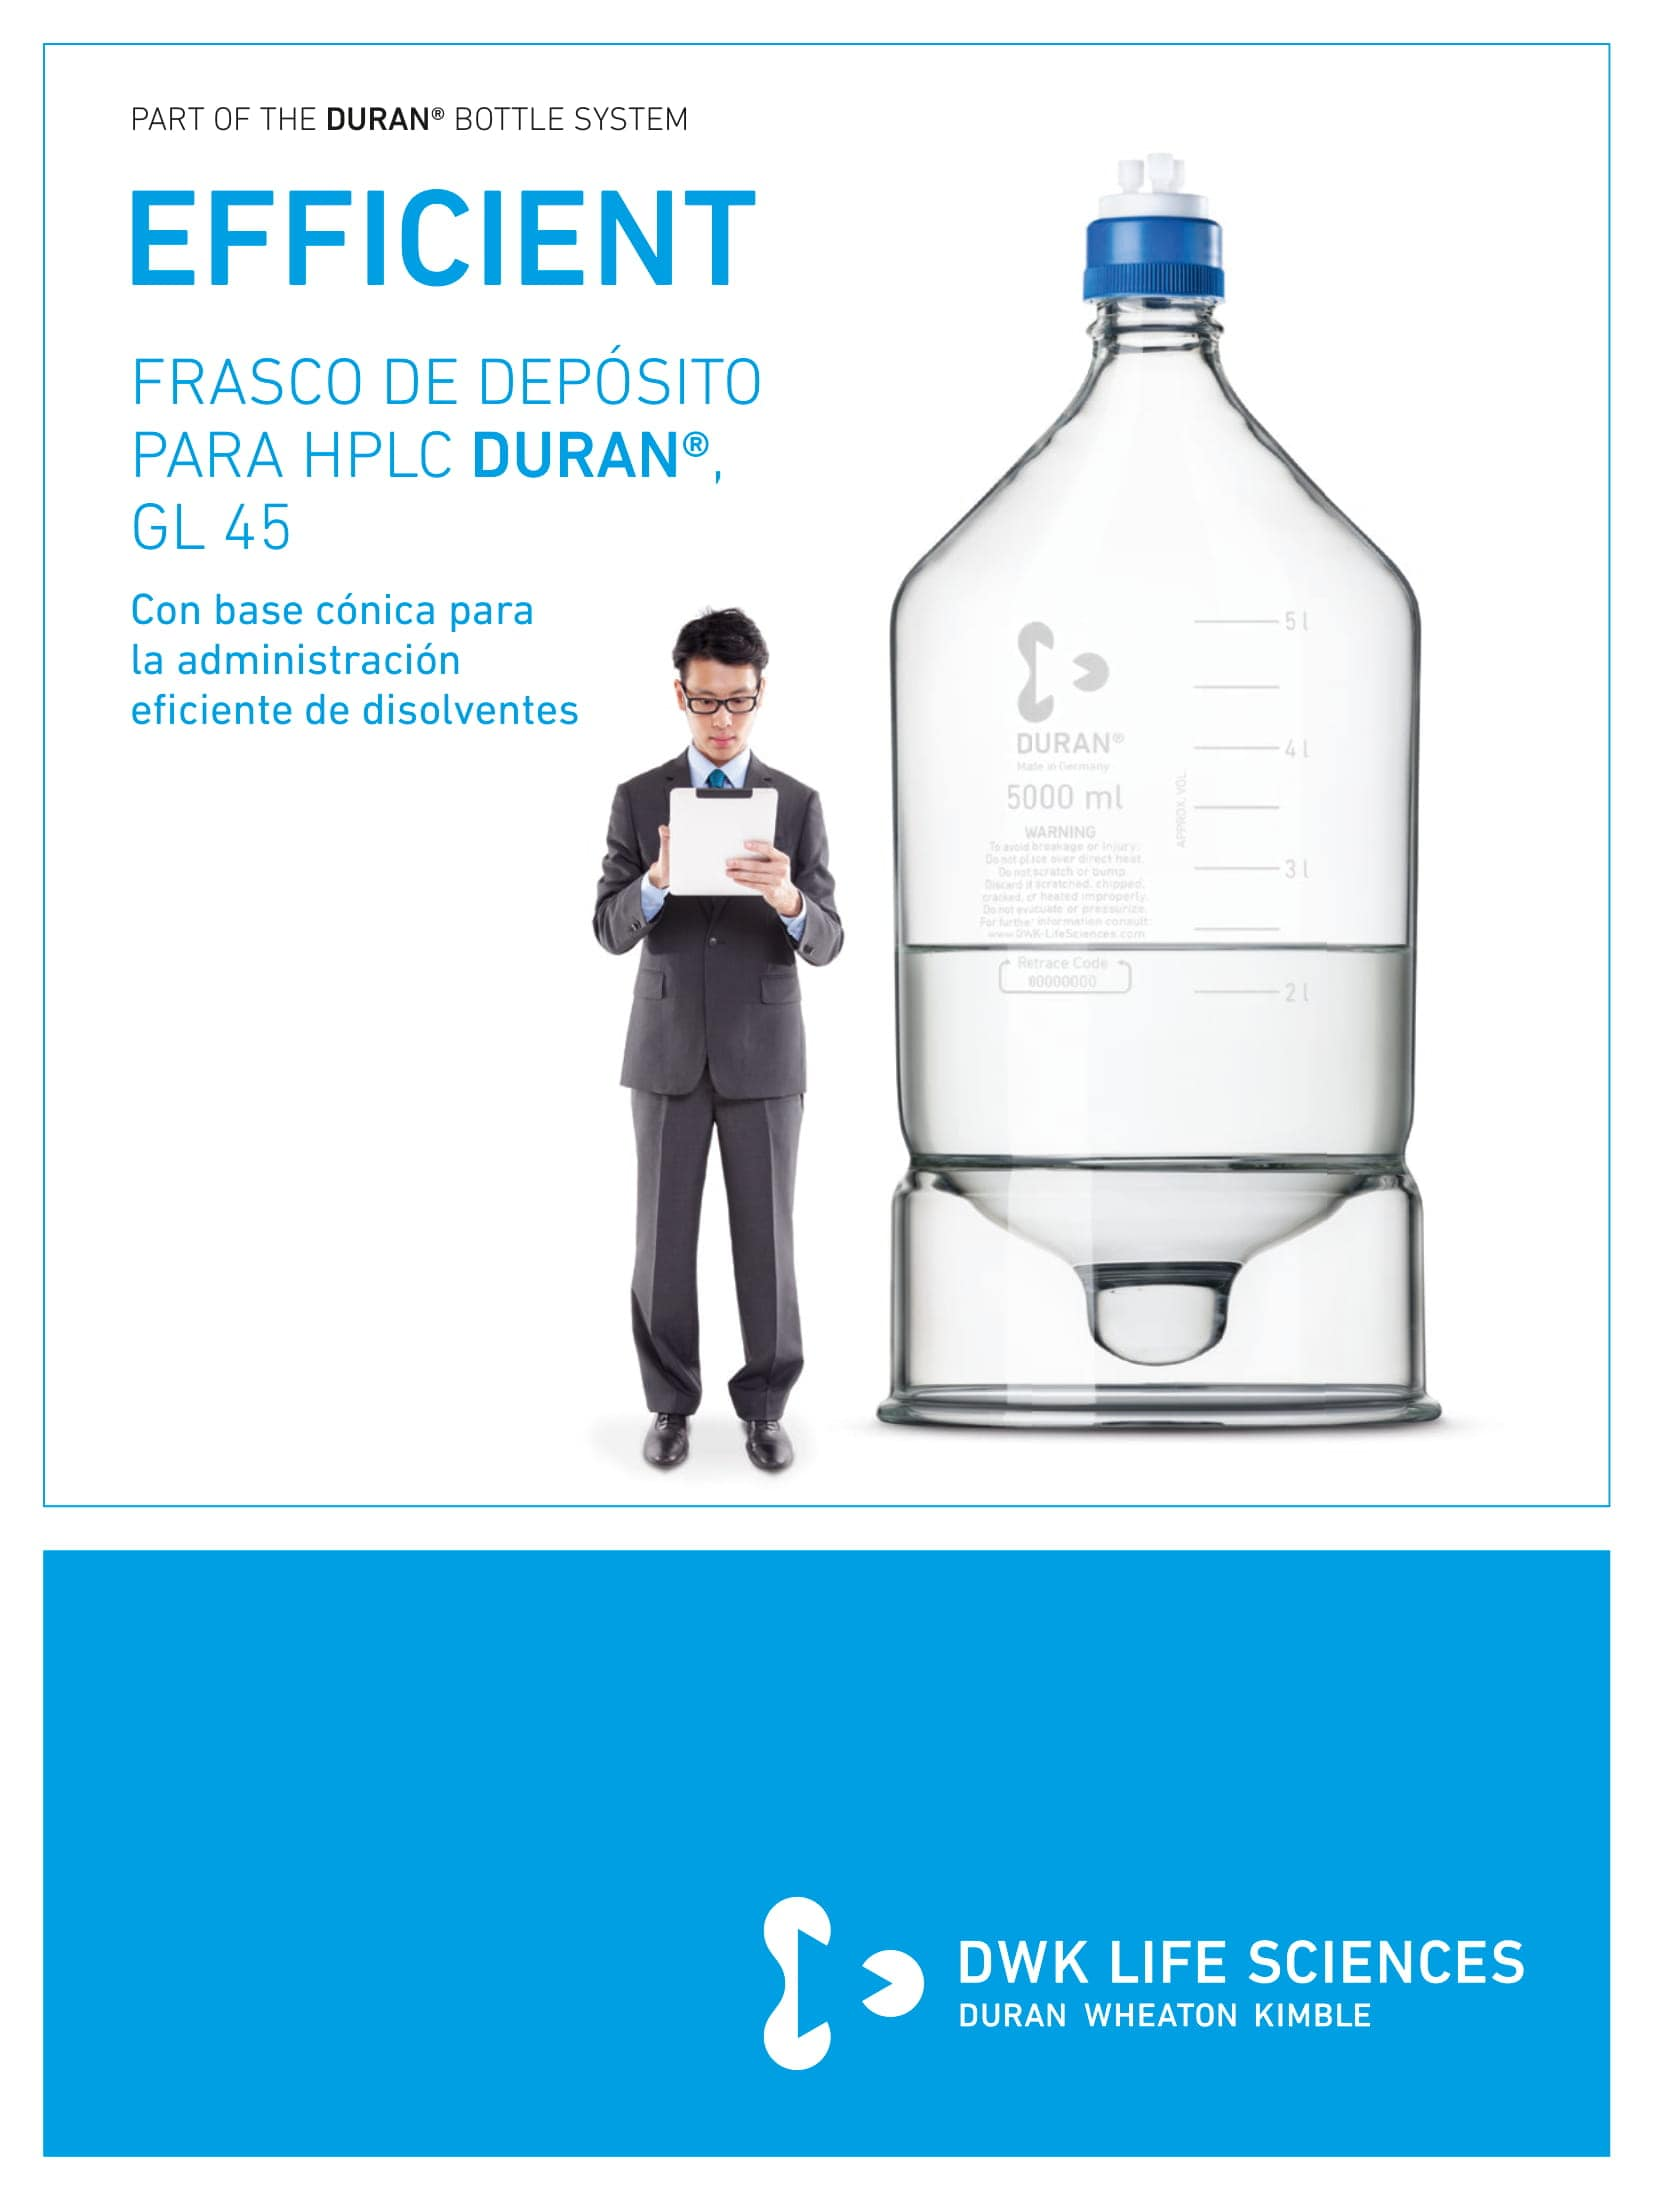 DURAN® HPLC Reservoir Bottle GL 45 Spanish